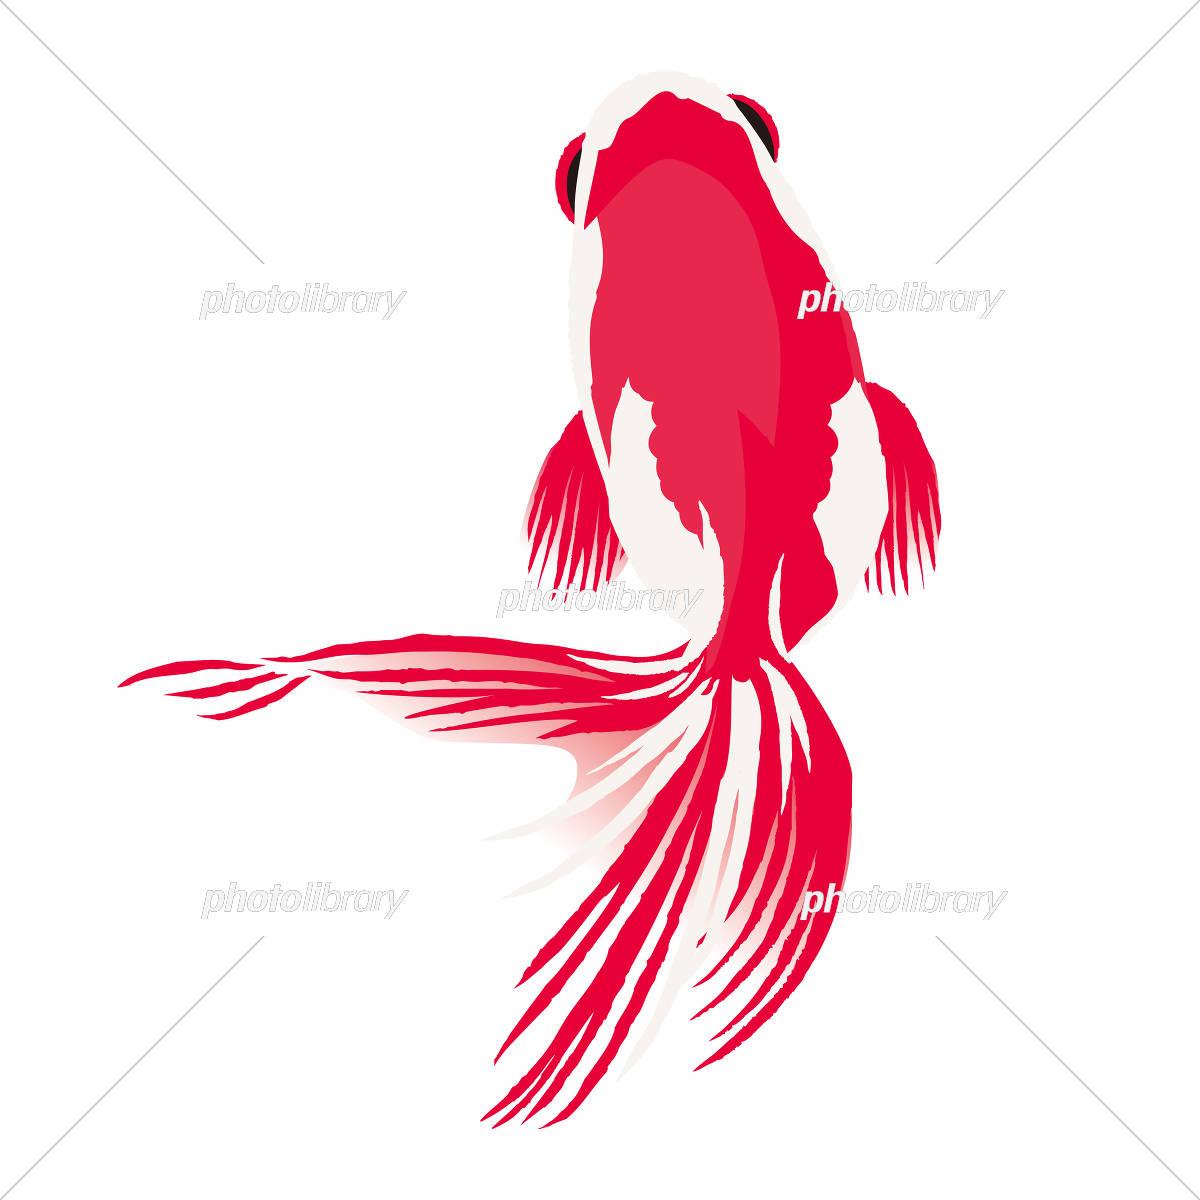 金魚 イラスト 白背景 イラスト素材 5037459 フォトライブラリー